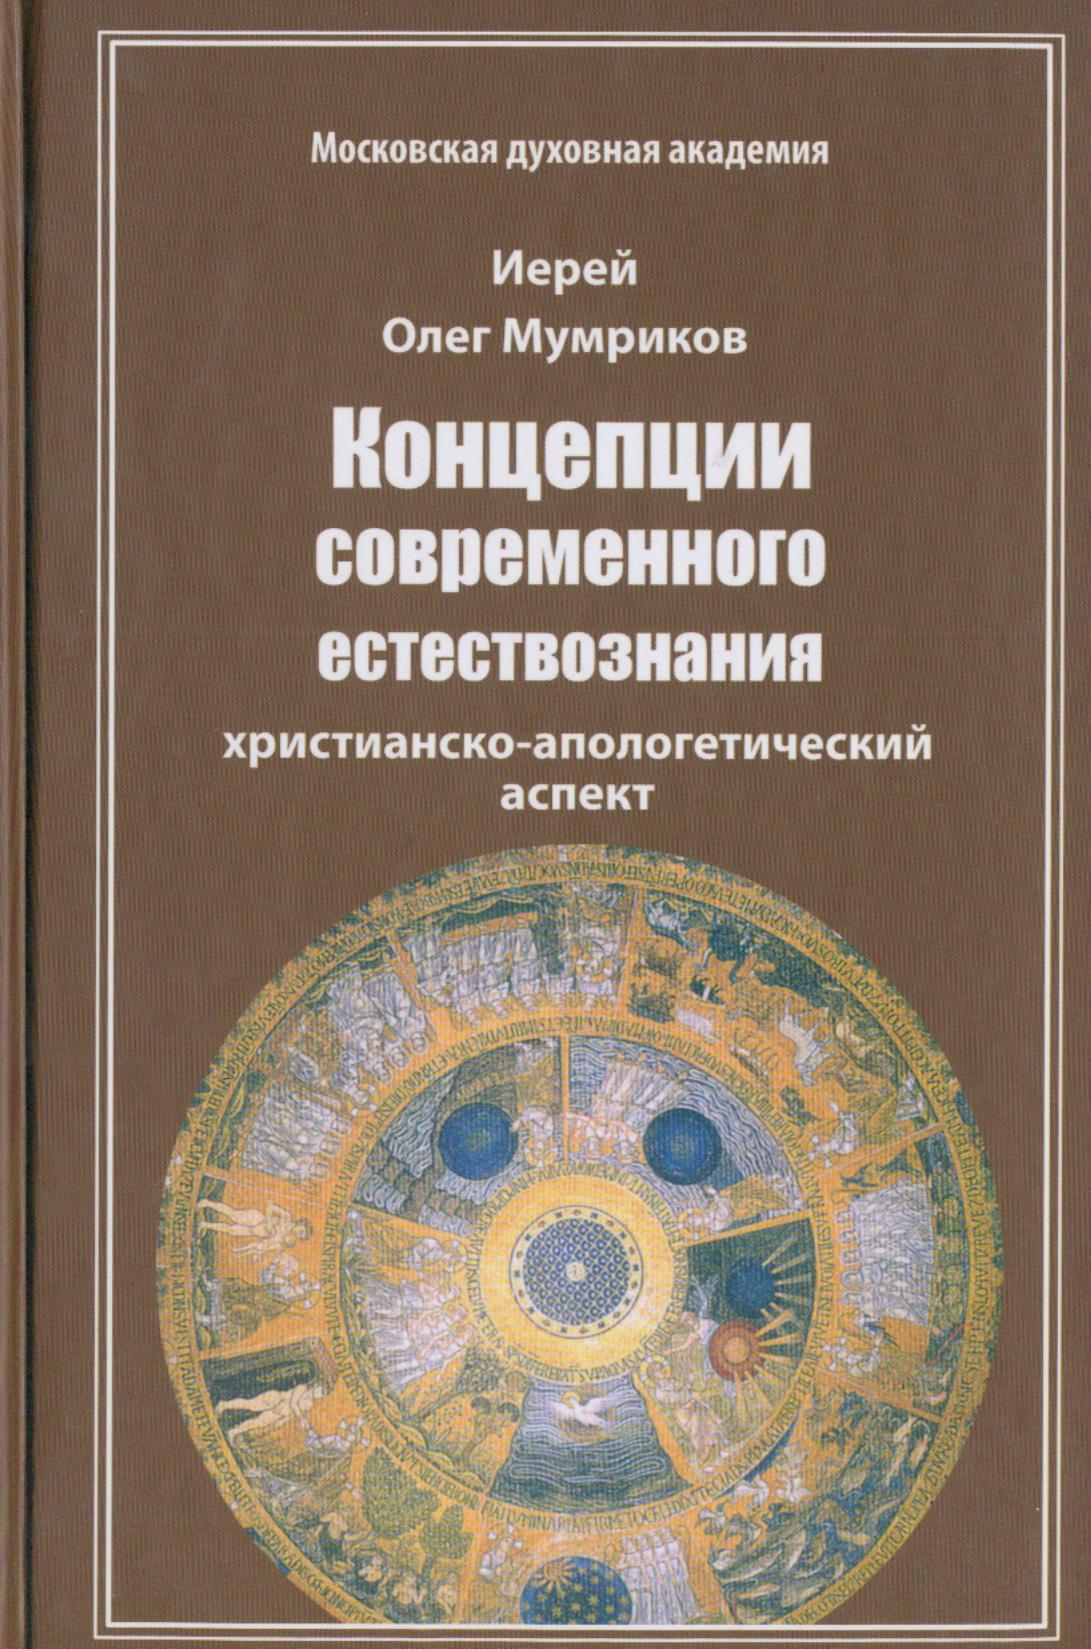 Концепции современного естествознания книгу скачать